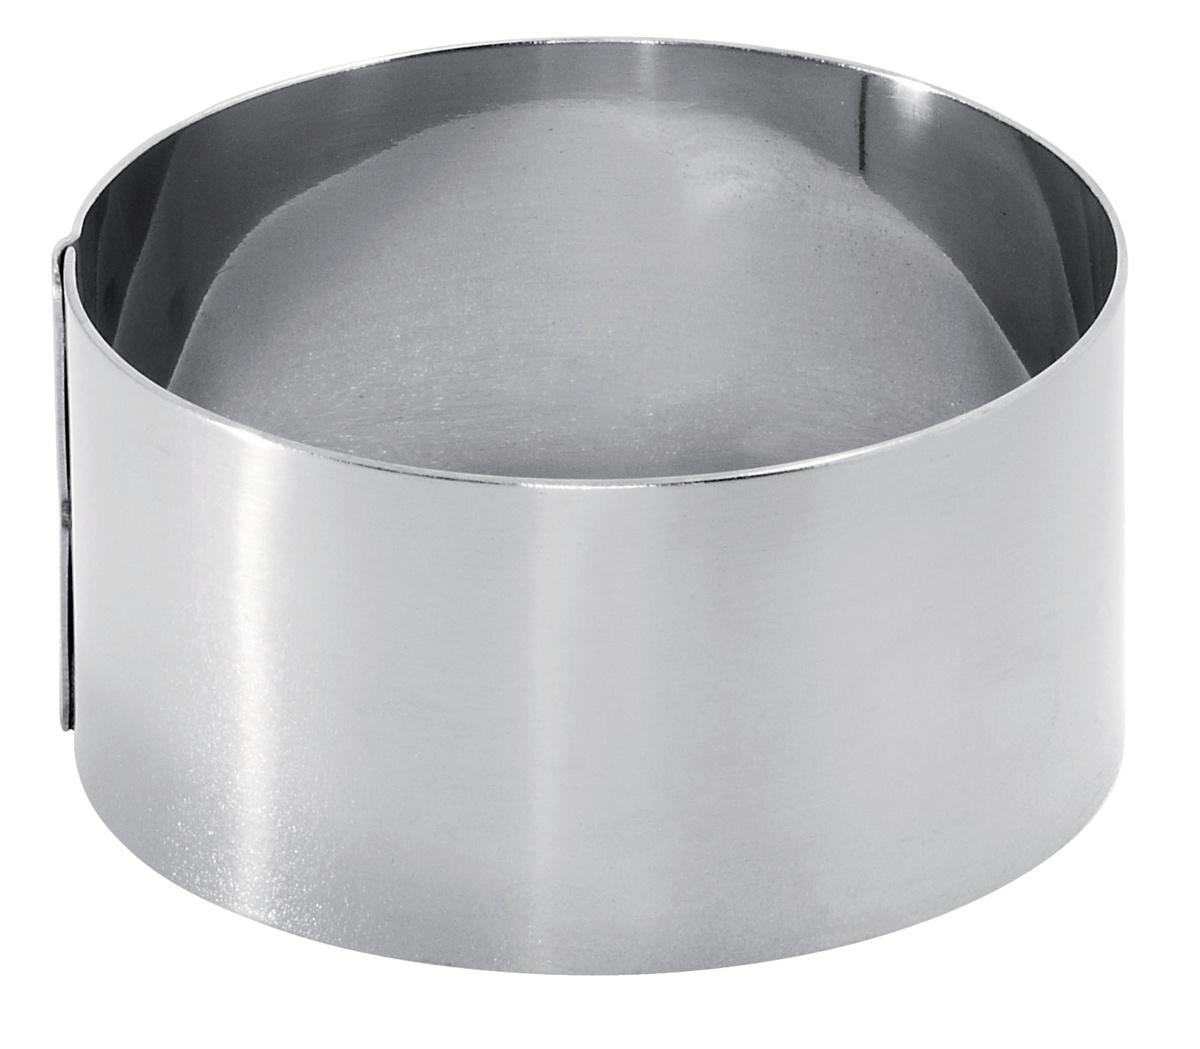 Cercle à mousse inox Ø 10 cm